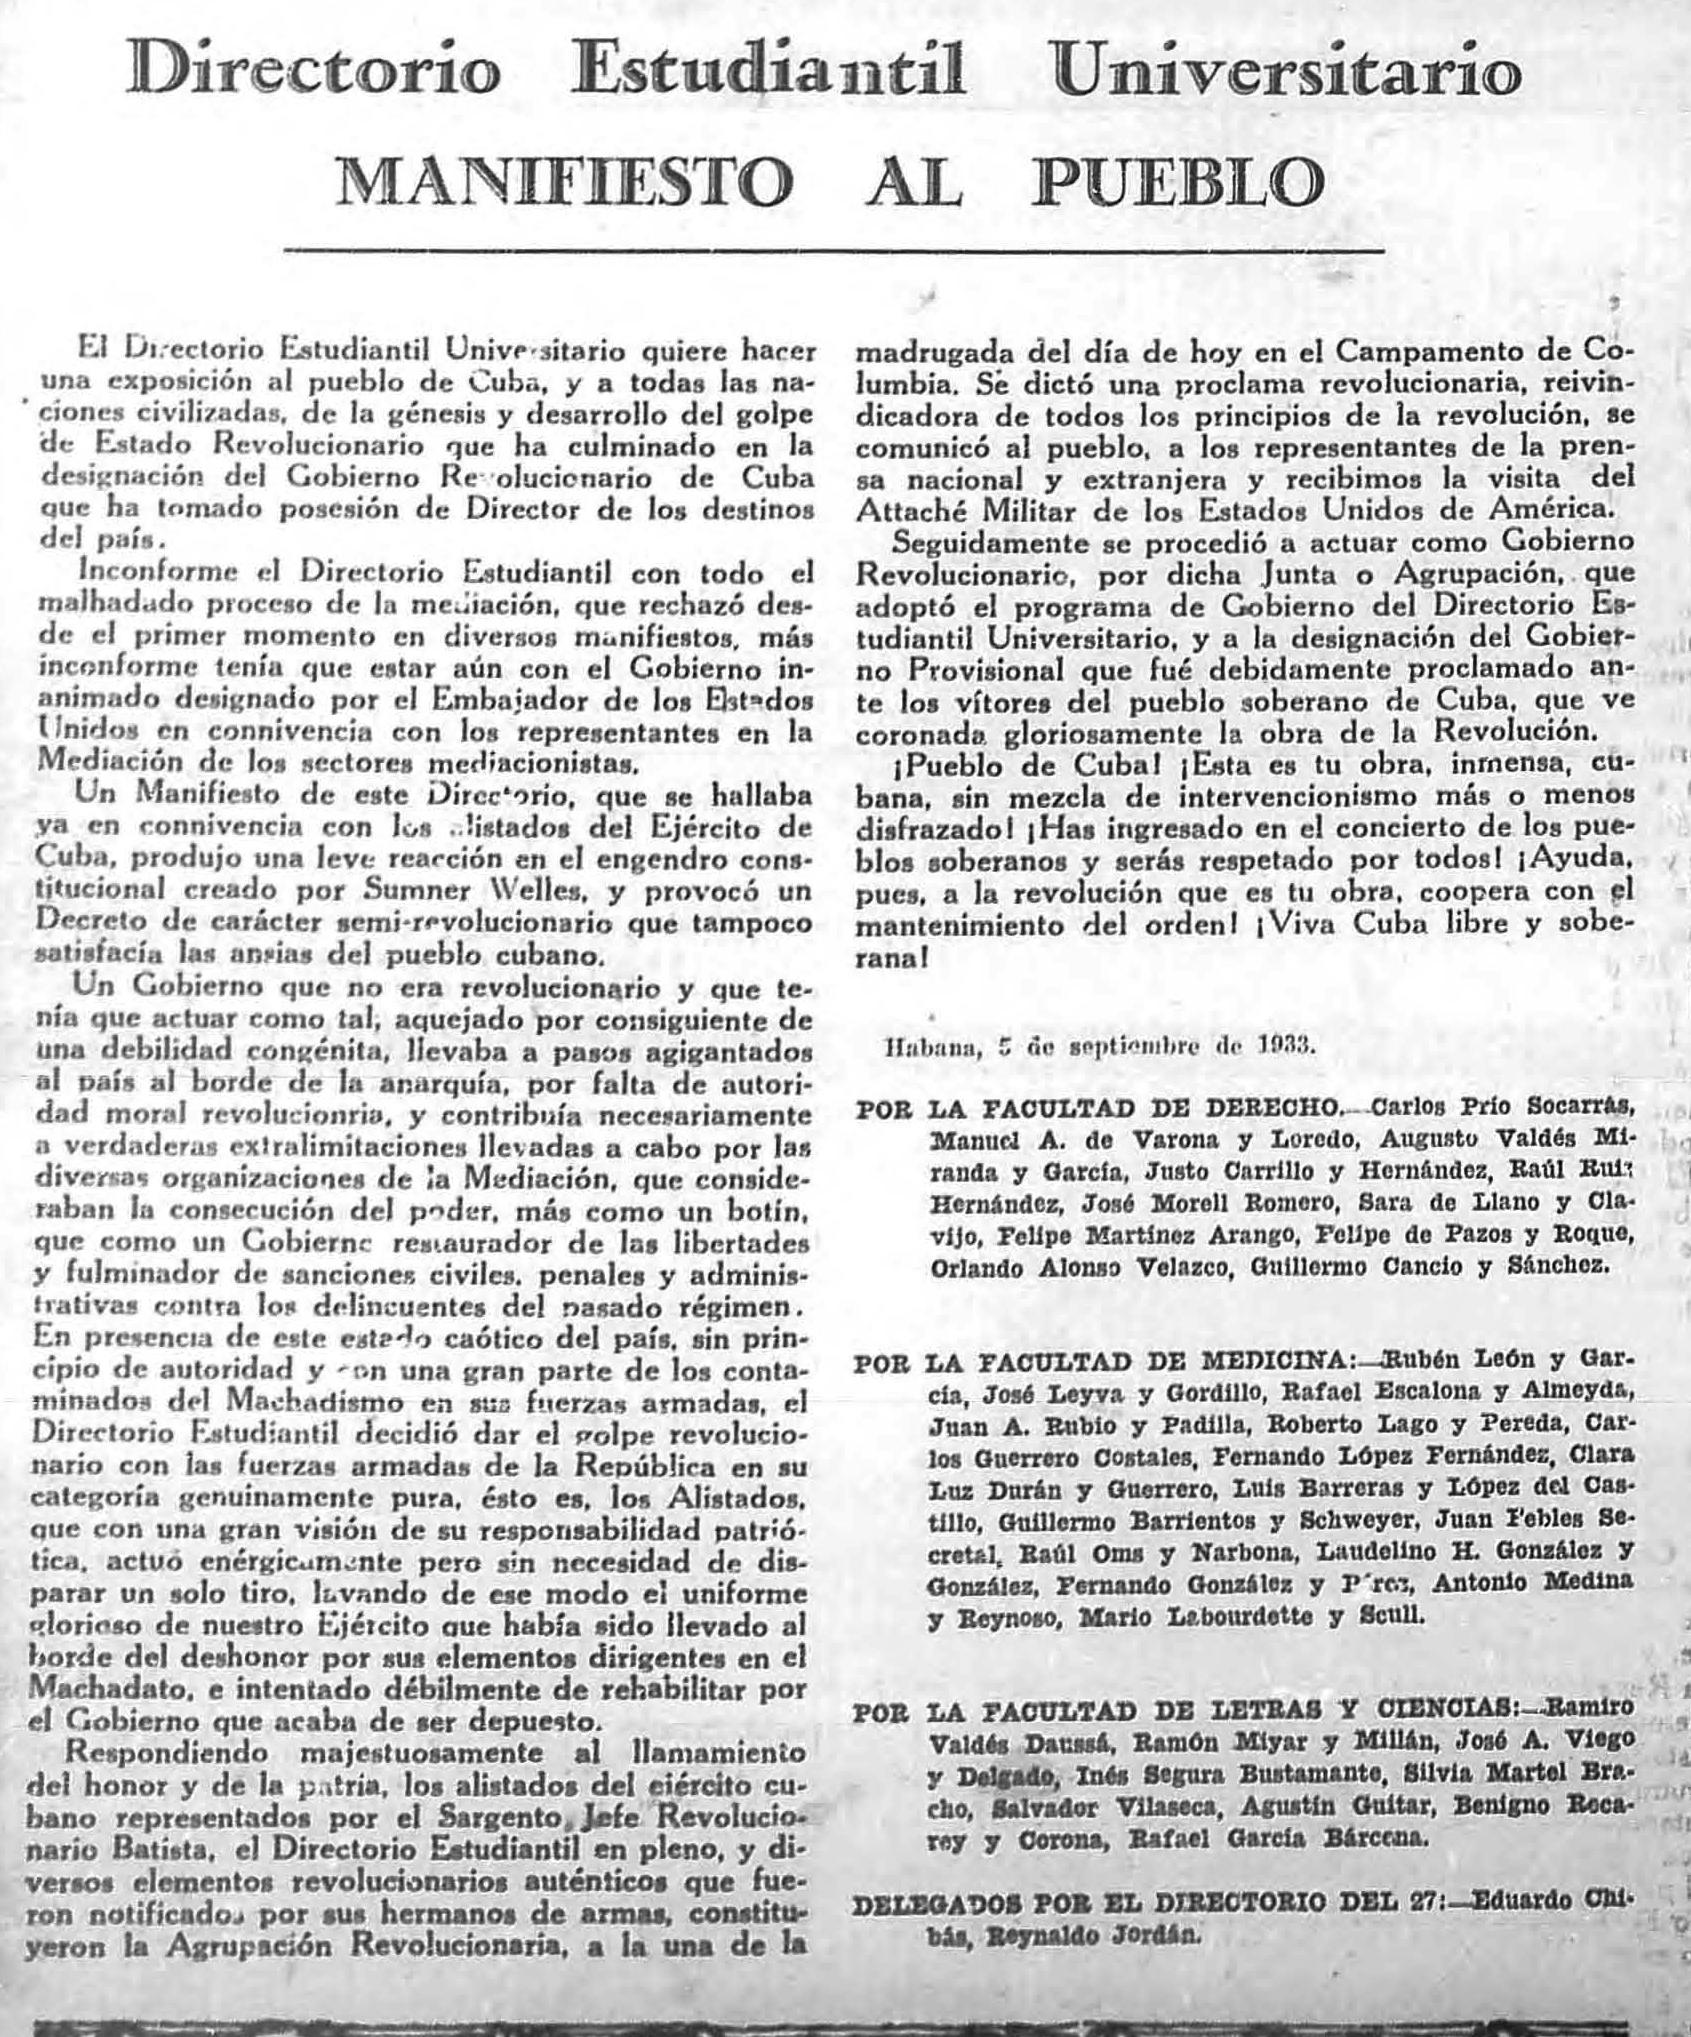 Manifiesto al pueblo 5 sept 1933.png